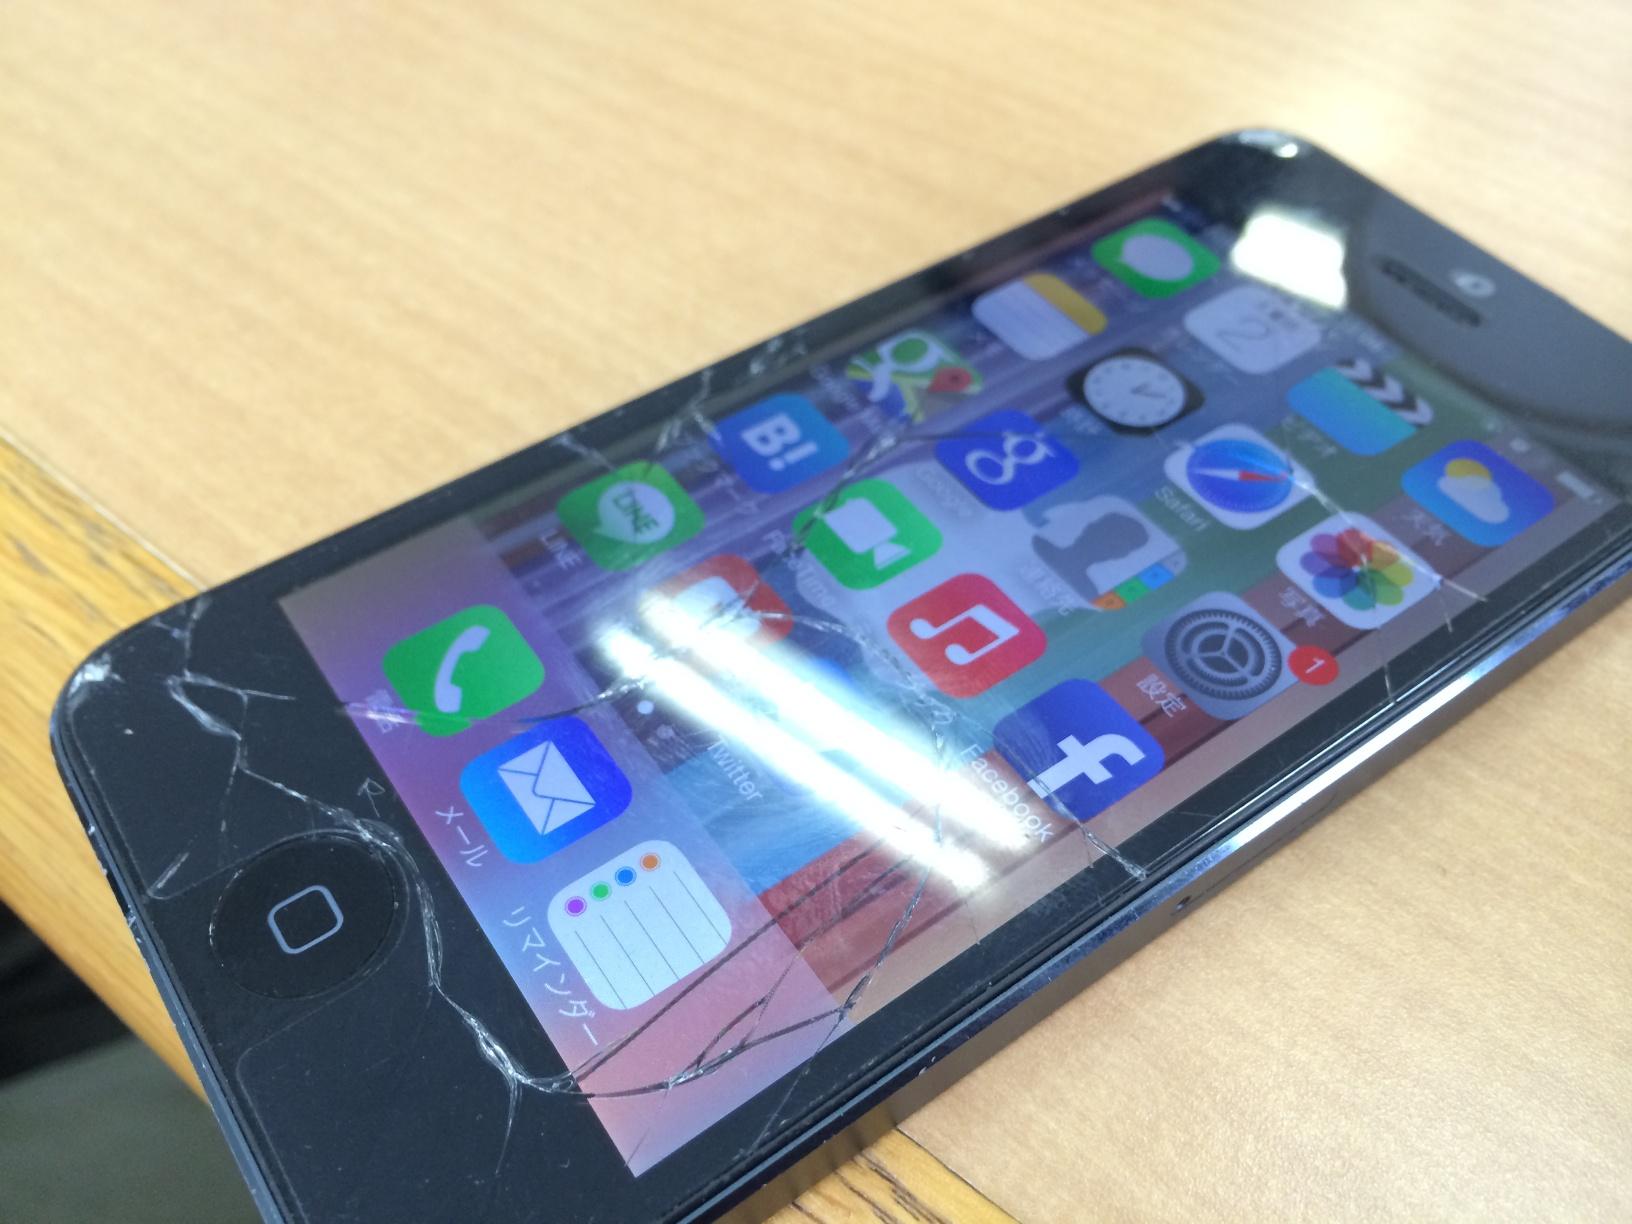 iPhone5のクラッシュを目撃!壊さないために気をつける3つのこと